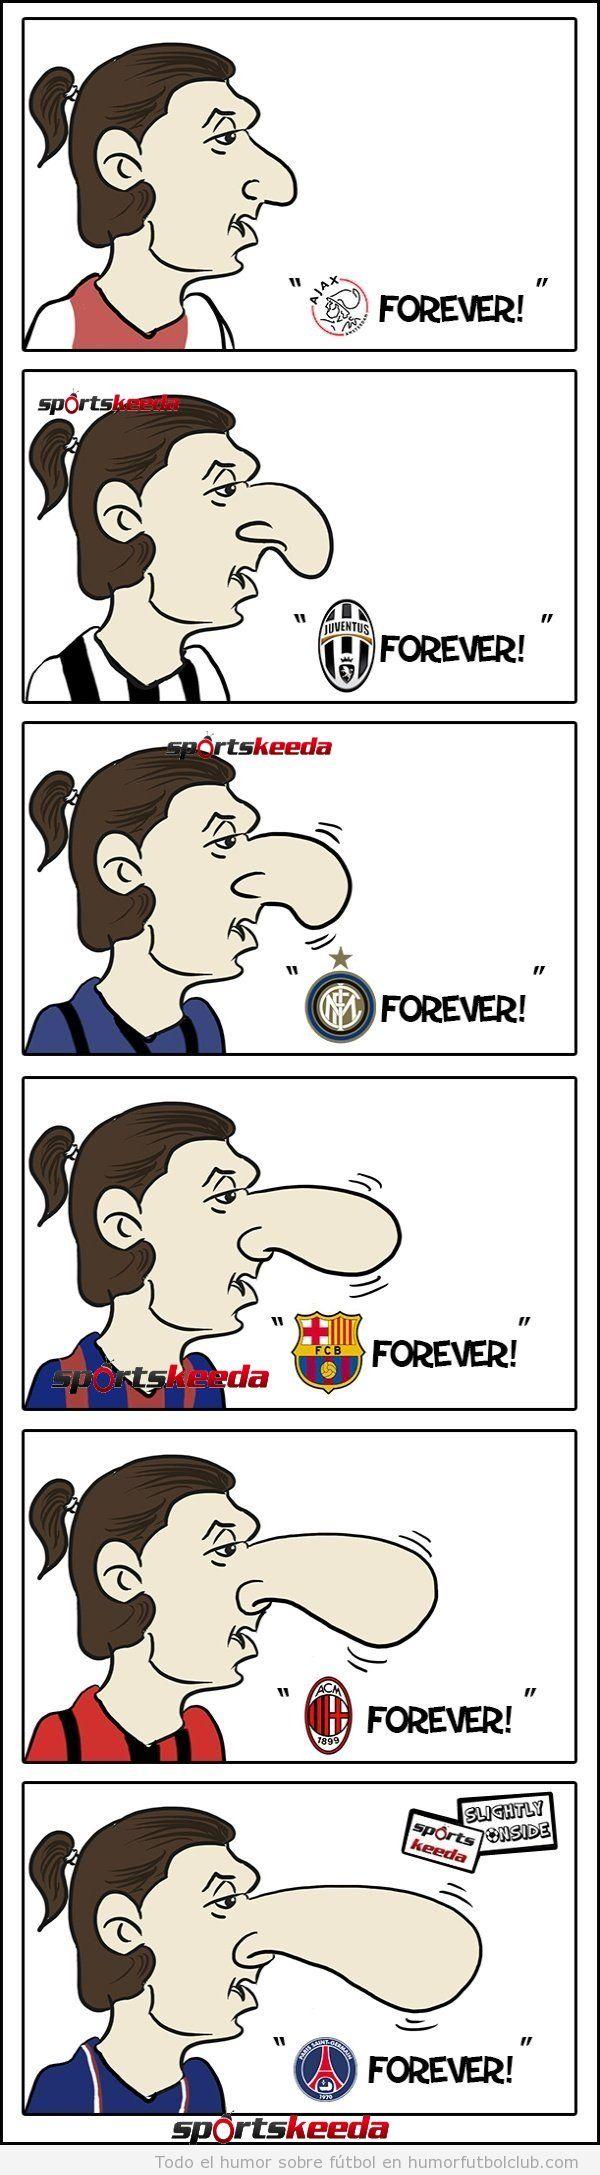 Viñeta de fútbol graciosa sobre pro qué la nariz de Ibrahimovic es tan grande